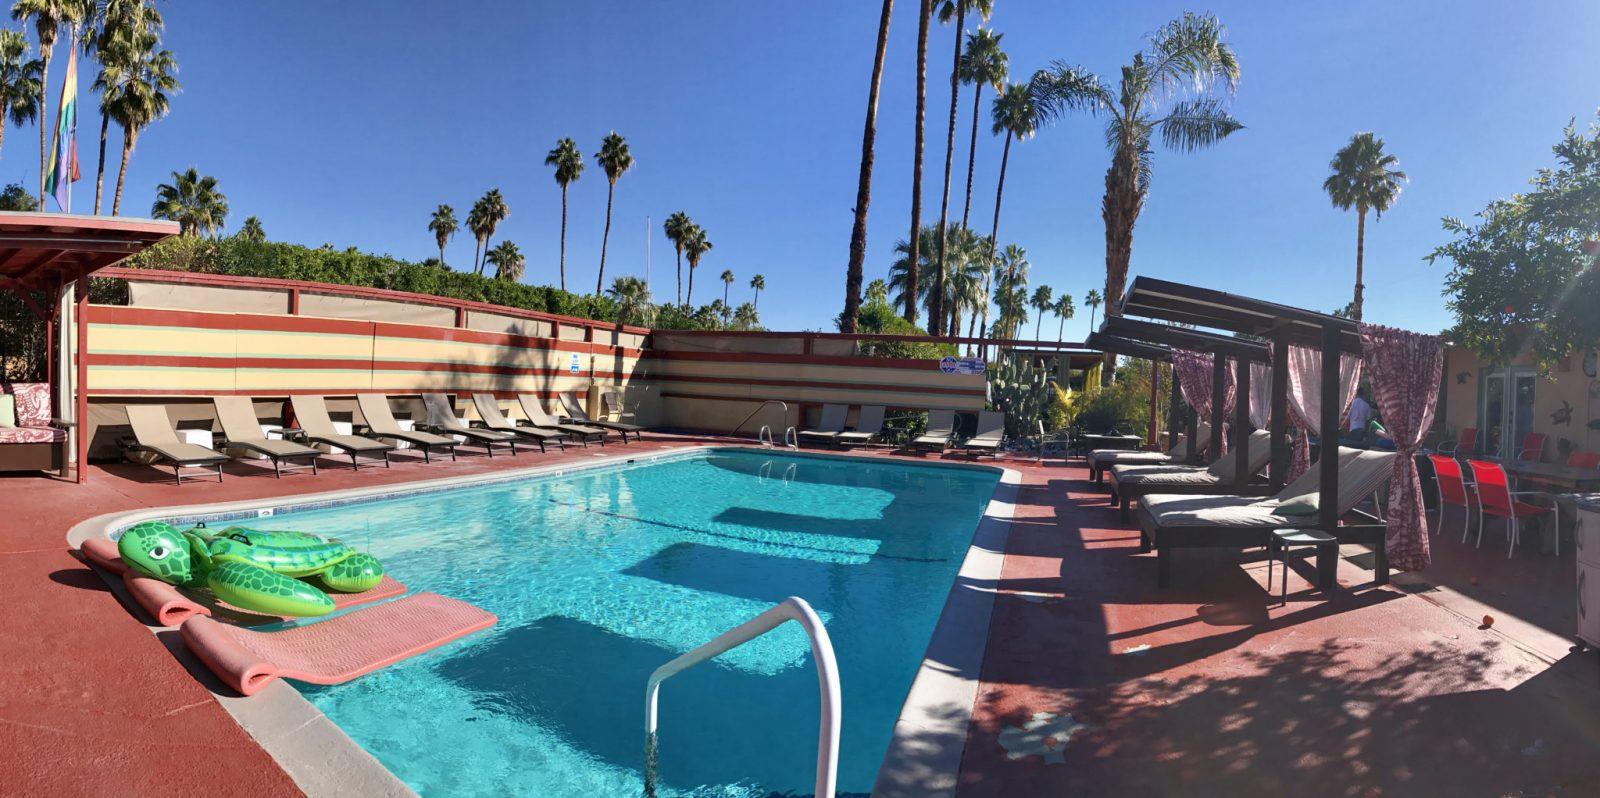 guide Palm resort springs gay